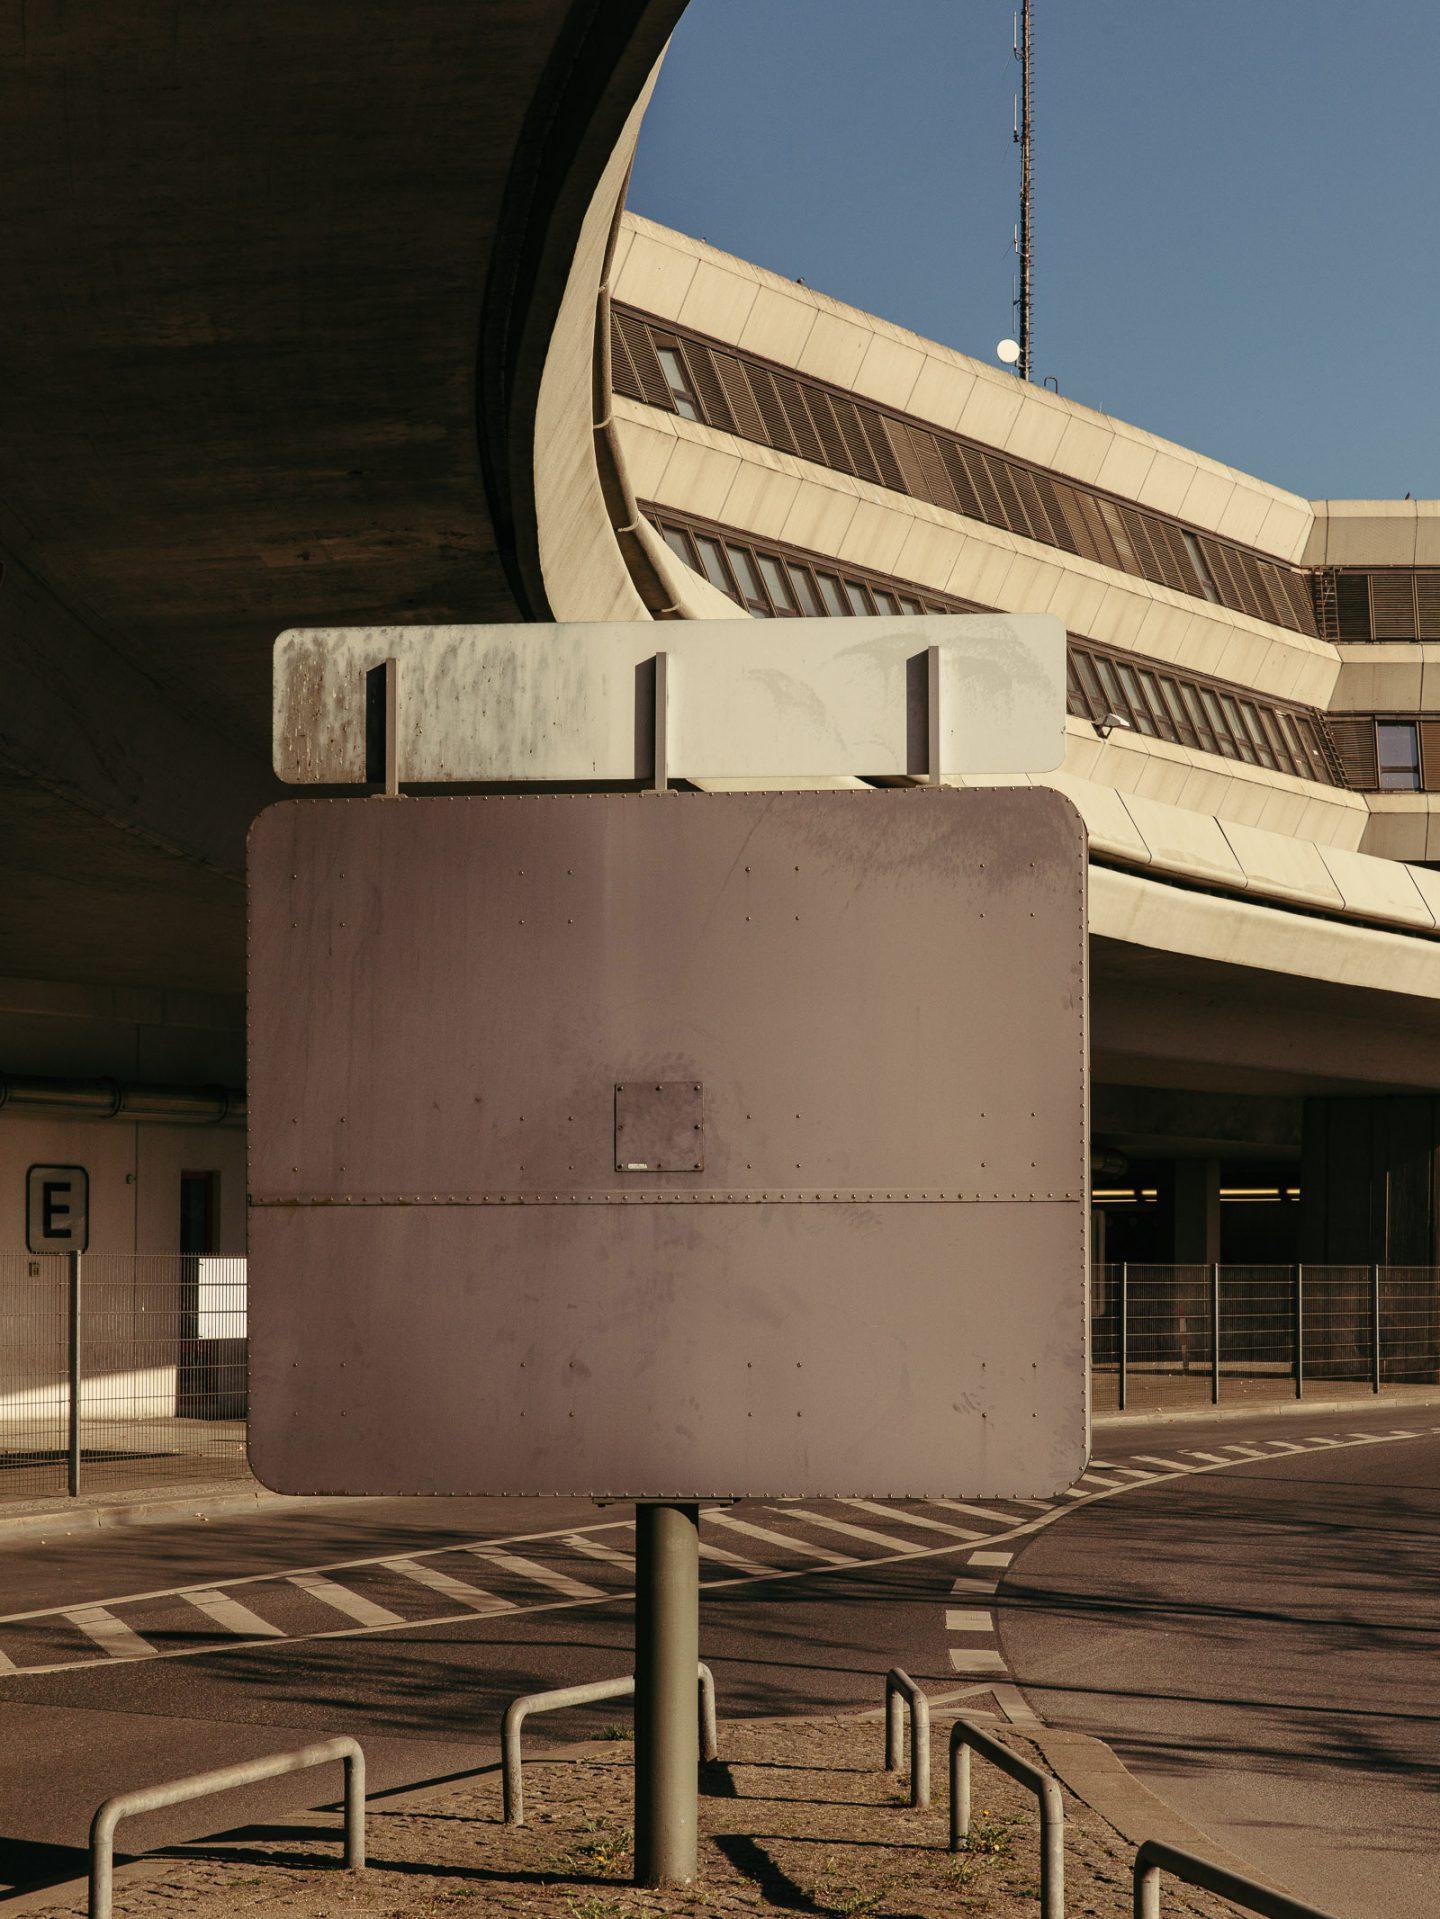 IGNANT-Photography-Flughafen-Tegel-Felix-Bruggemann-Robert-Rieger-014